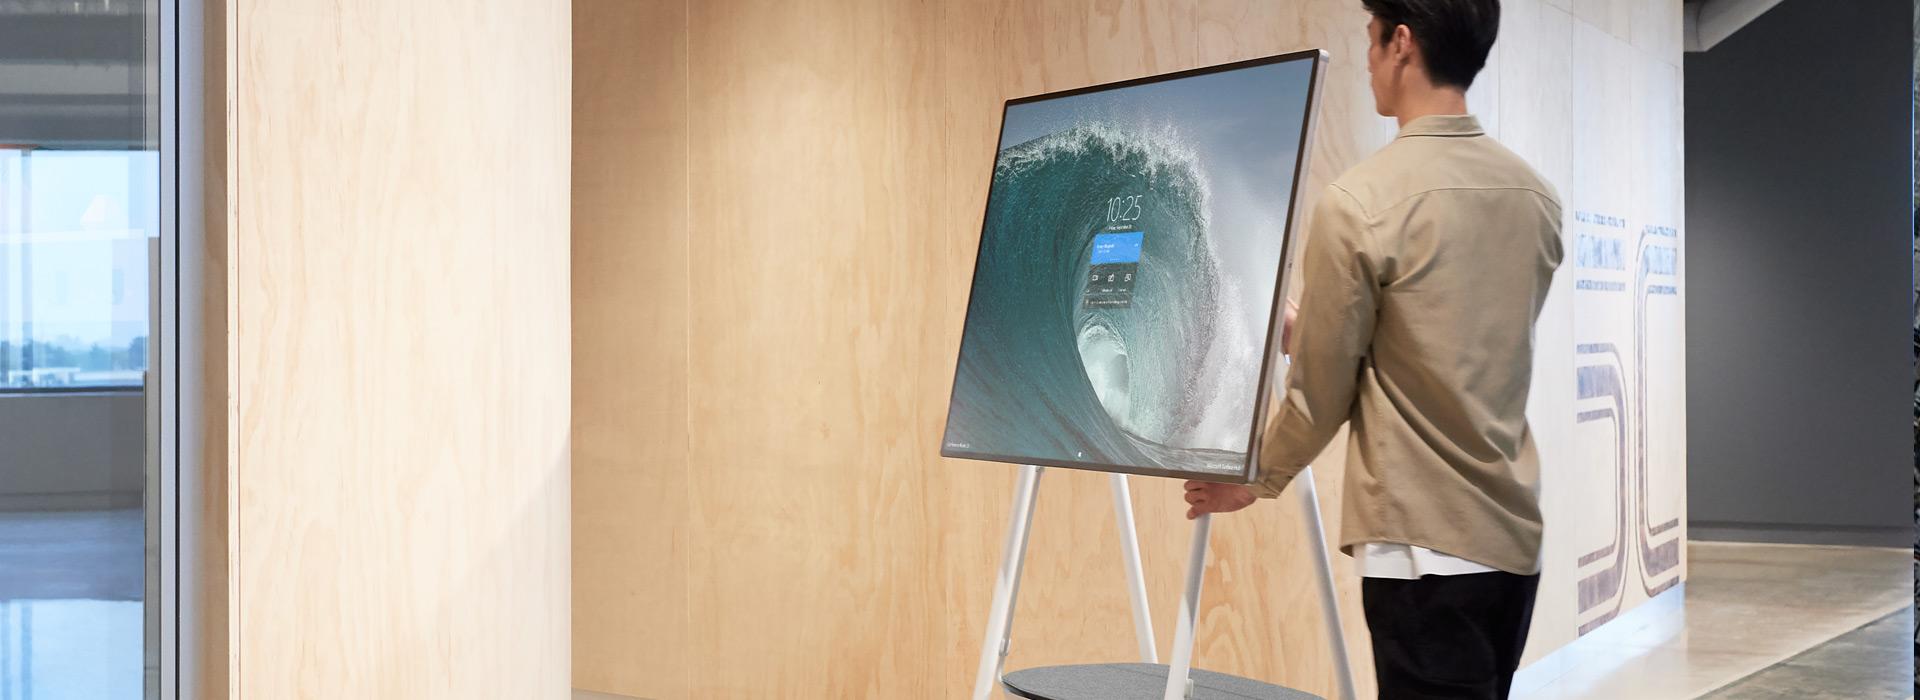 Een man vervoert Surface Hub 2S met standaard op wieltjes